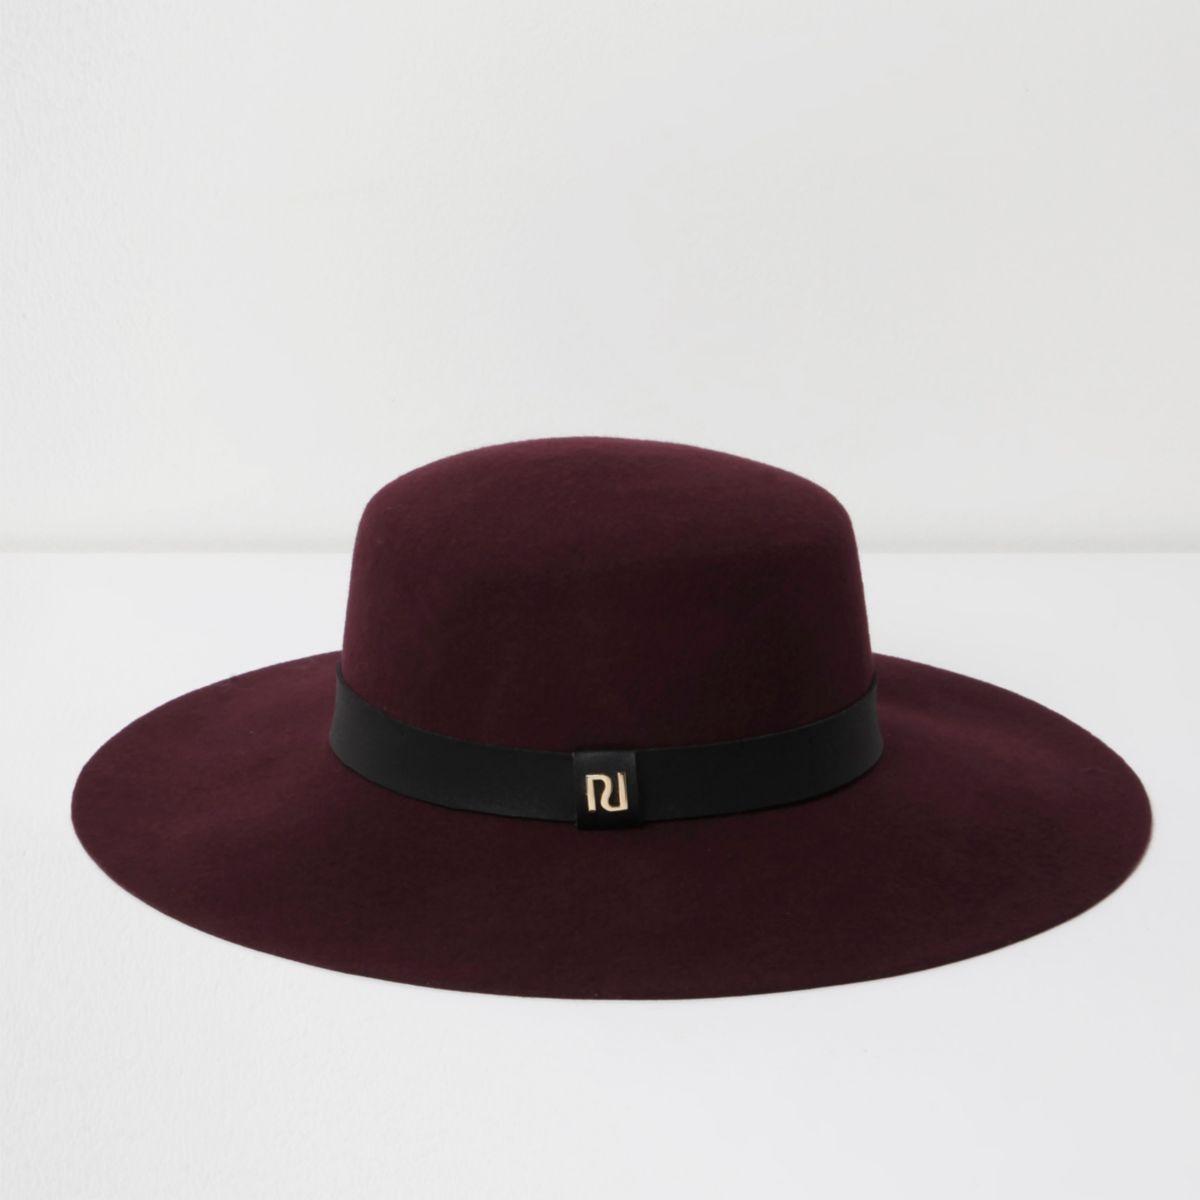 Dark red wide brim fedora hat